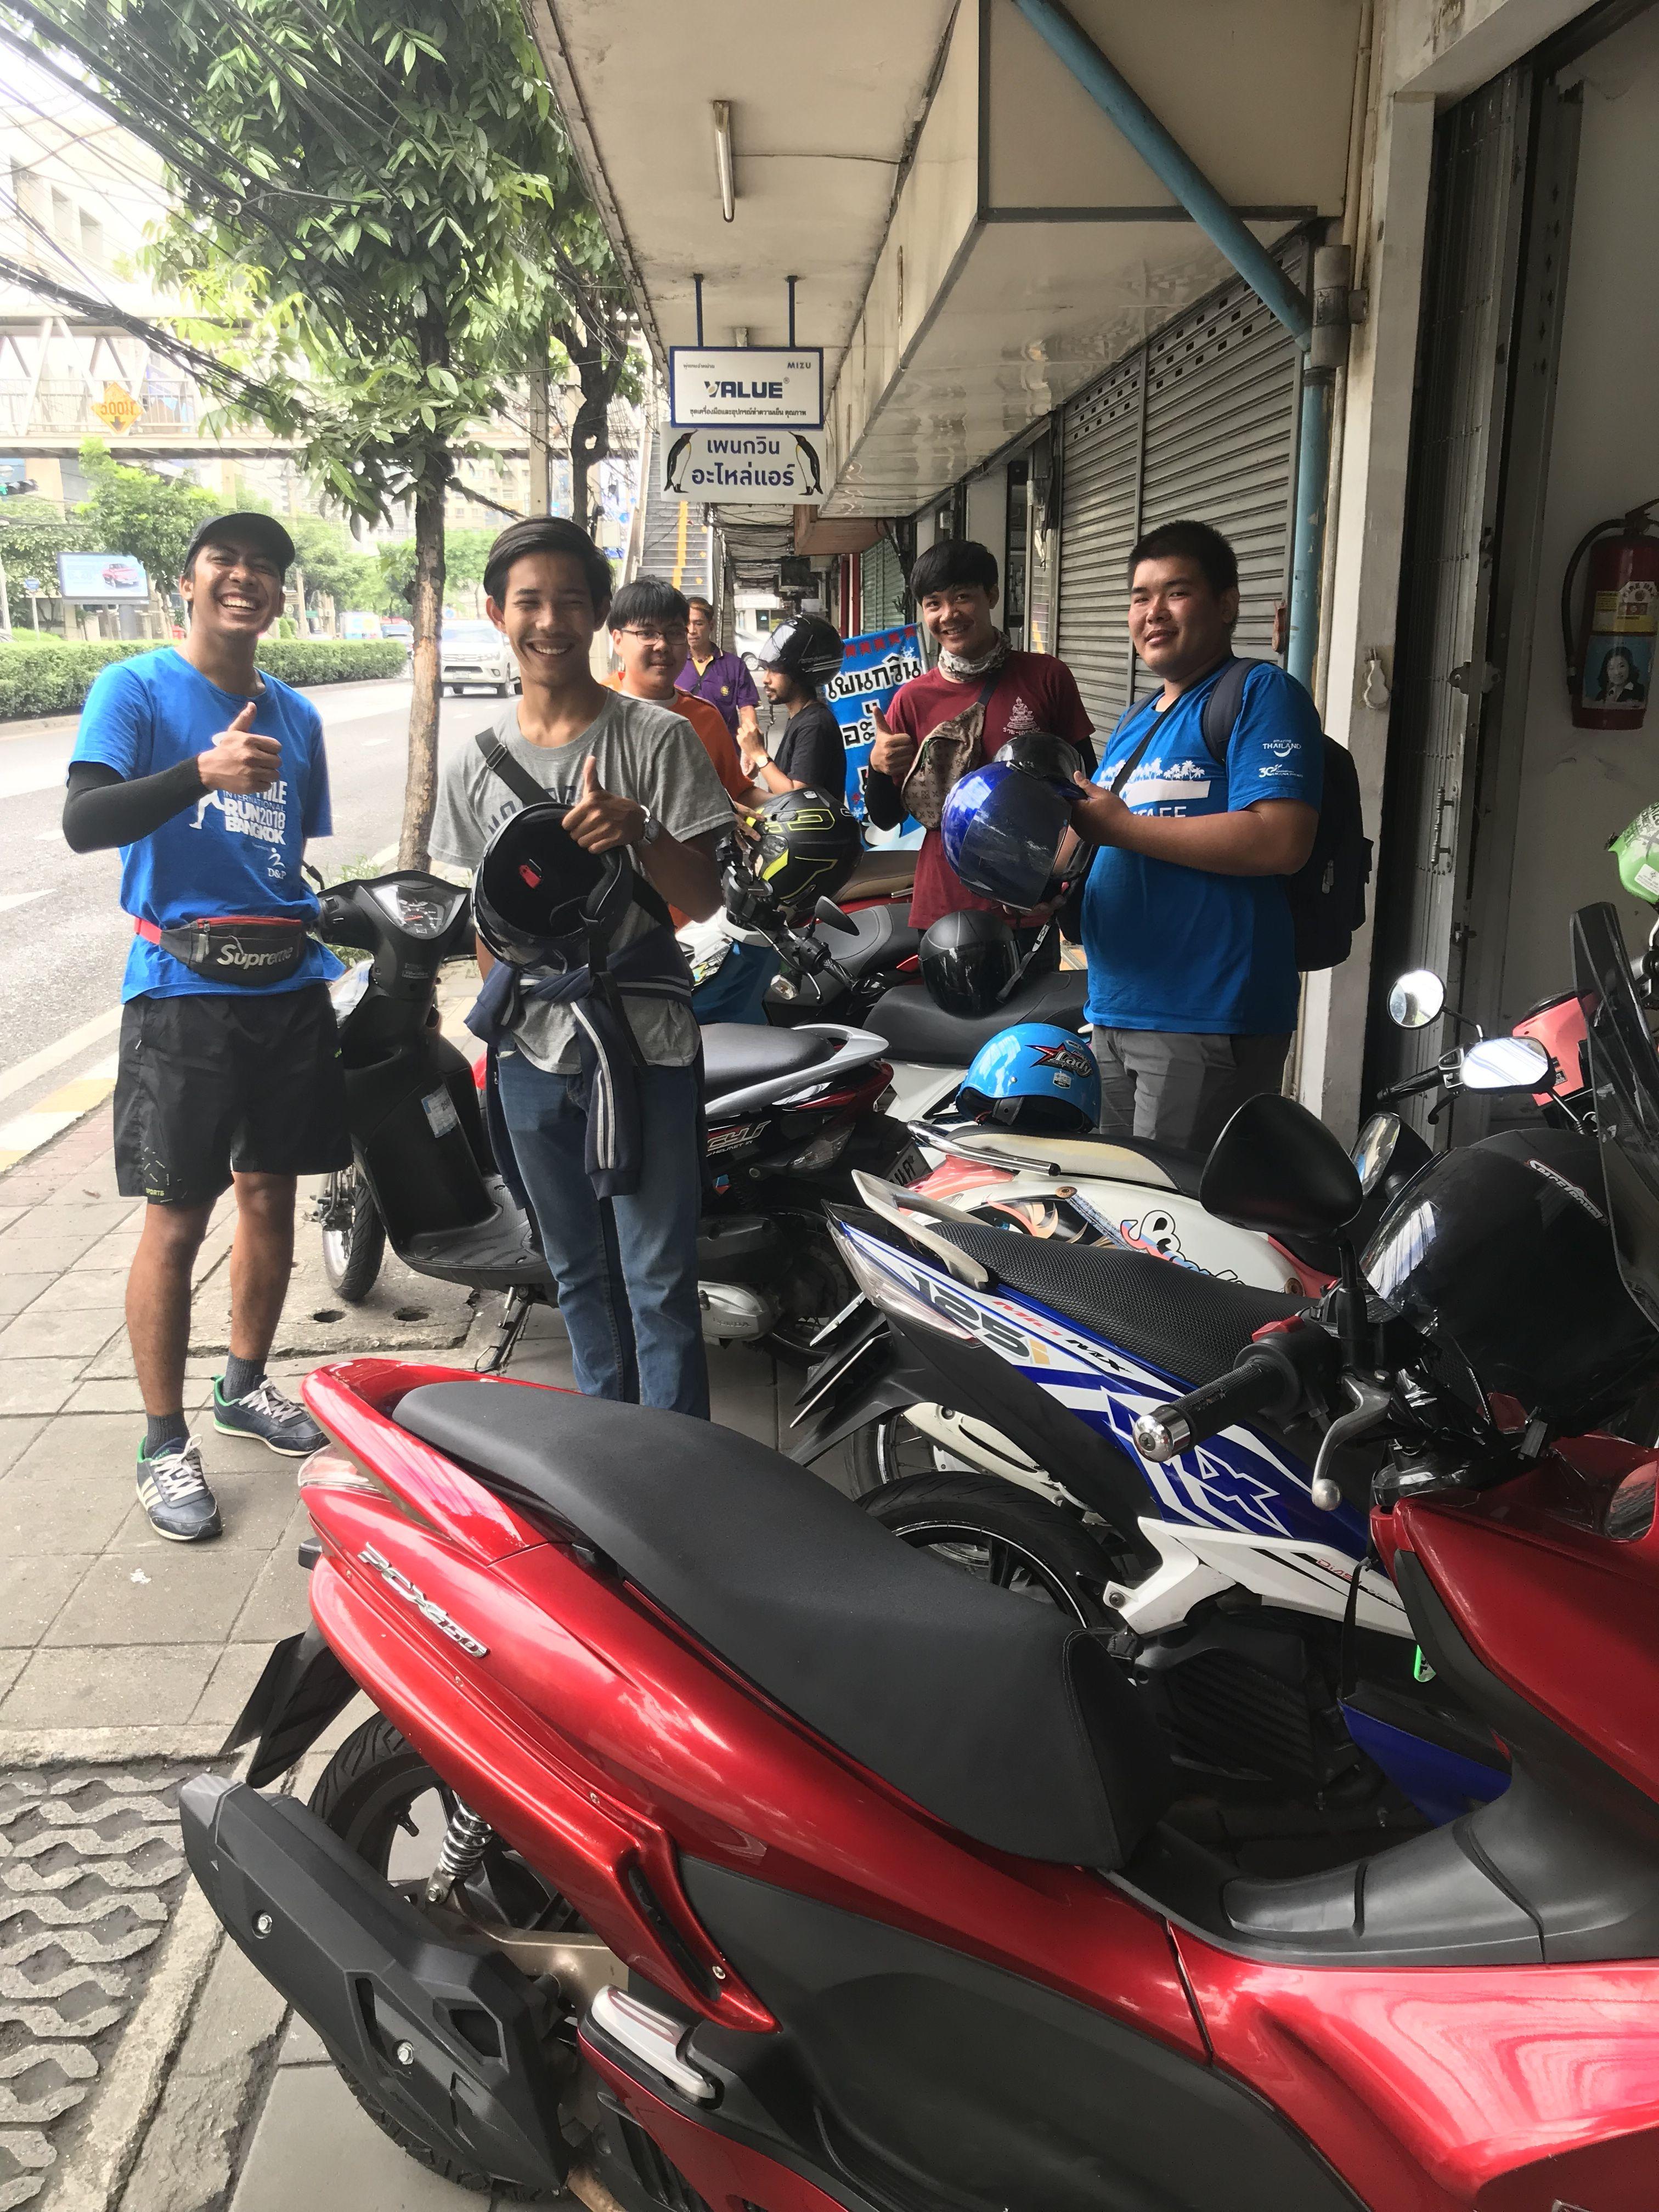 Motorbike Rental Bangkok Scooter Rental Bangkok Are You Looking